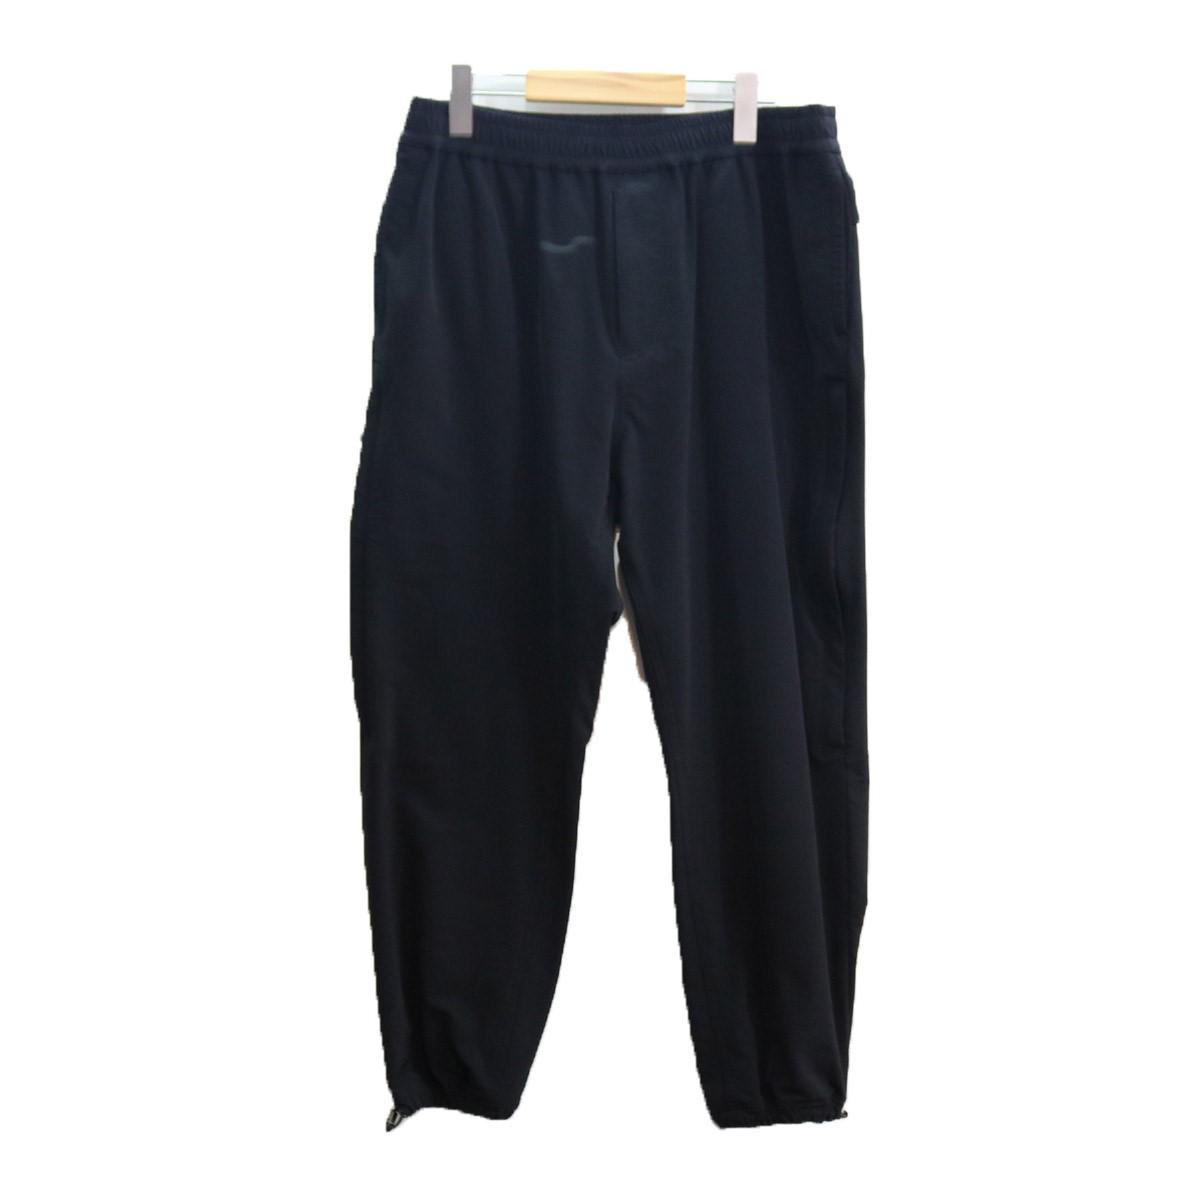 メンズファッション, ズボン・パンツ UNDER COVER 19AW Ny INDUSTRIAL AMBIENT 2 070921